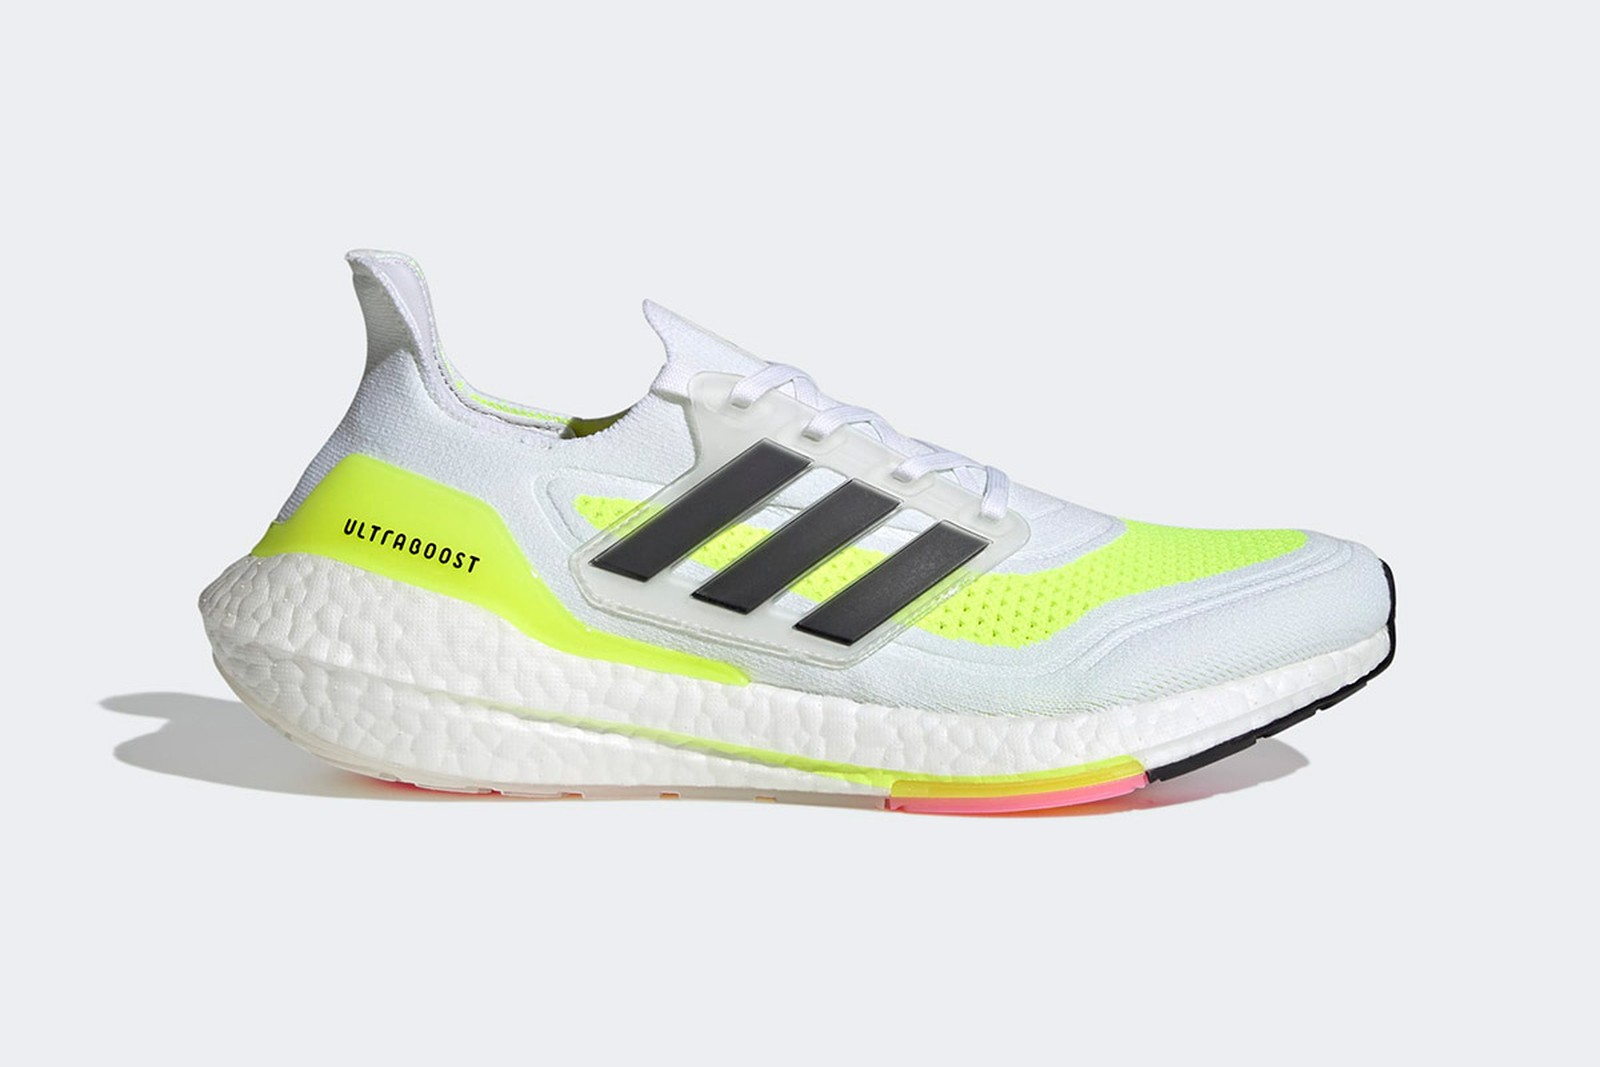 Adidas Ultraboost 21